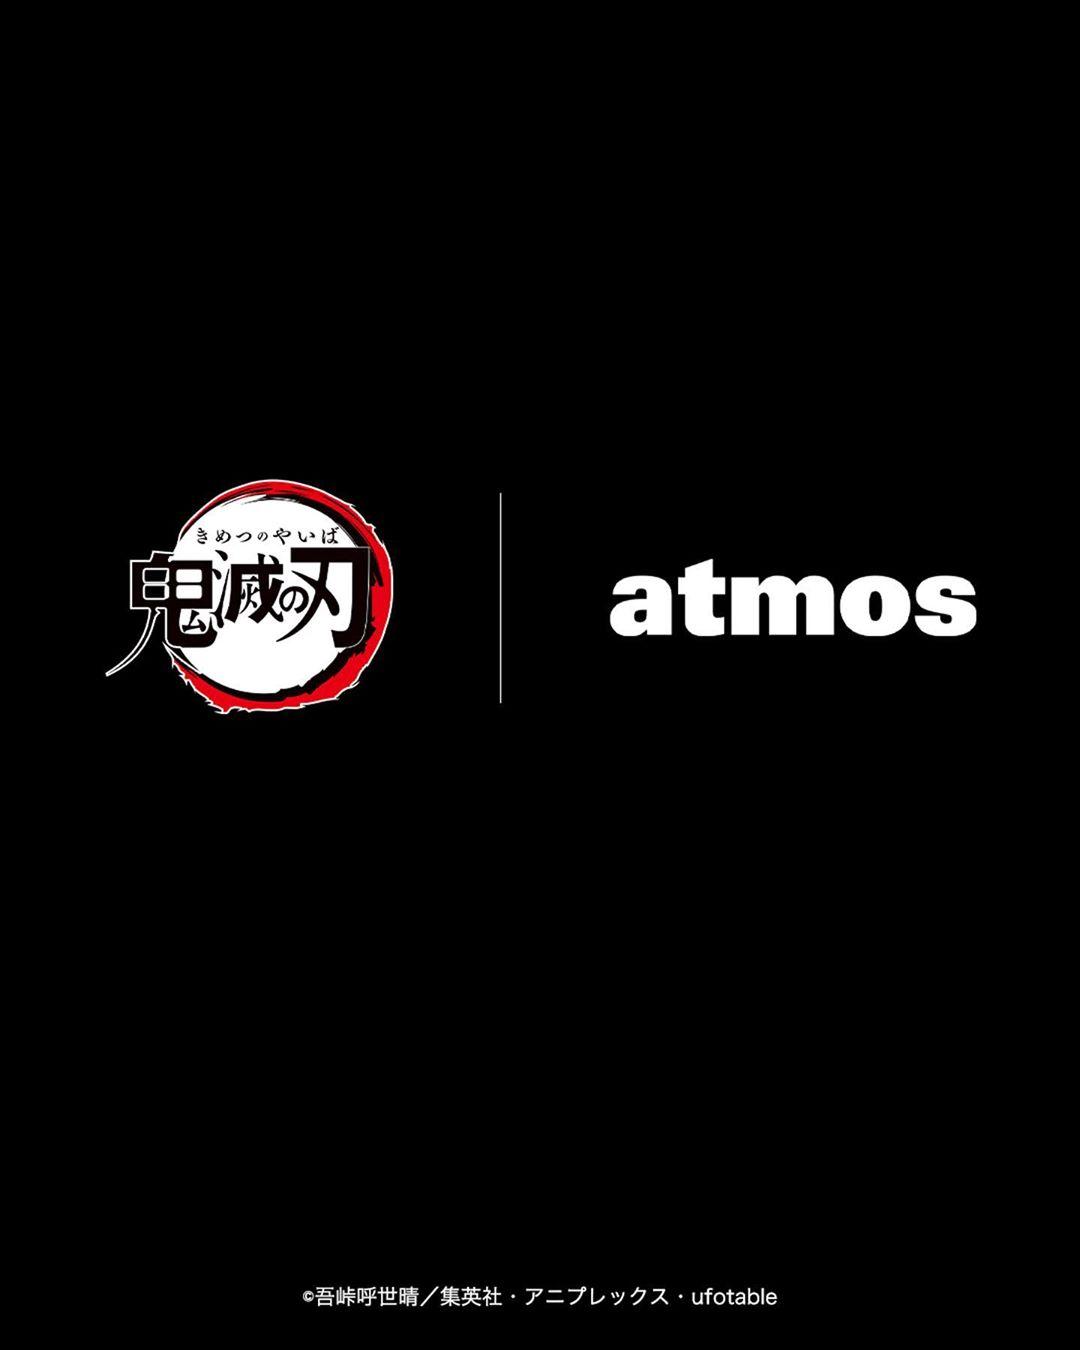 atmos × 鬼滅の刃